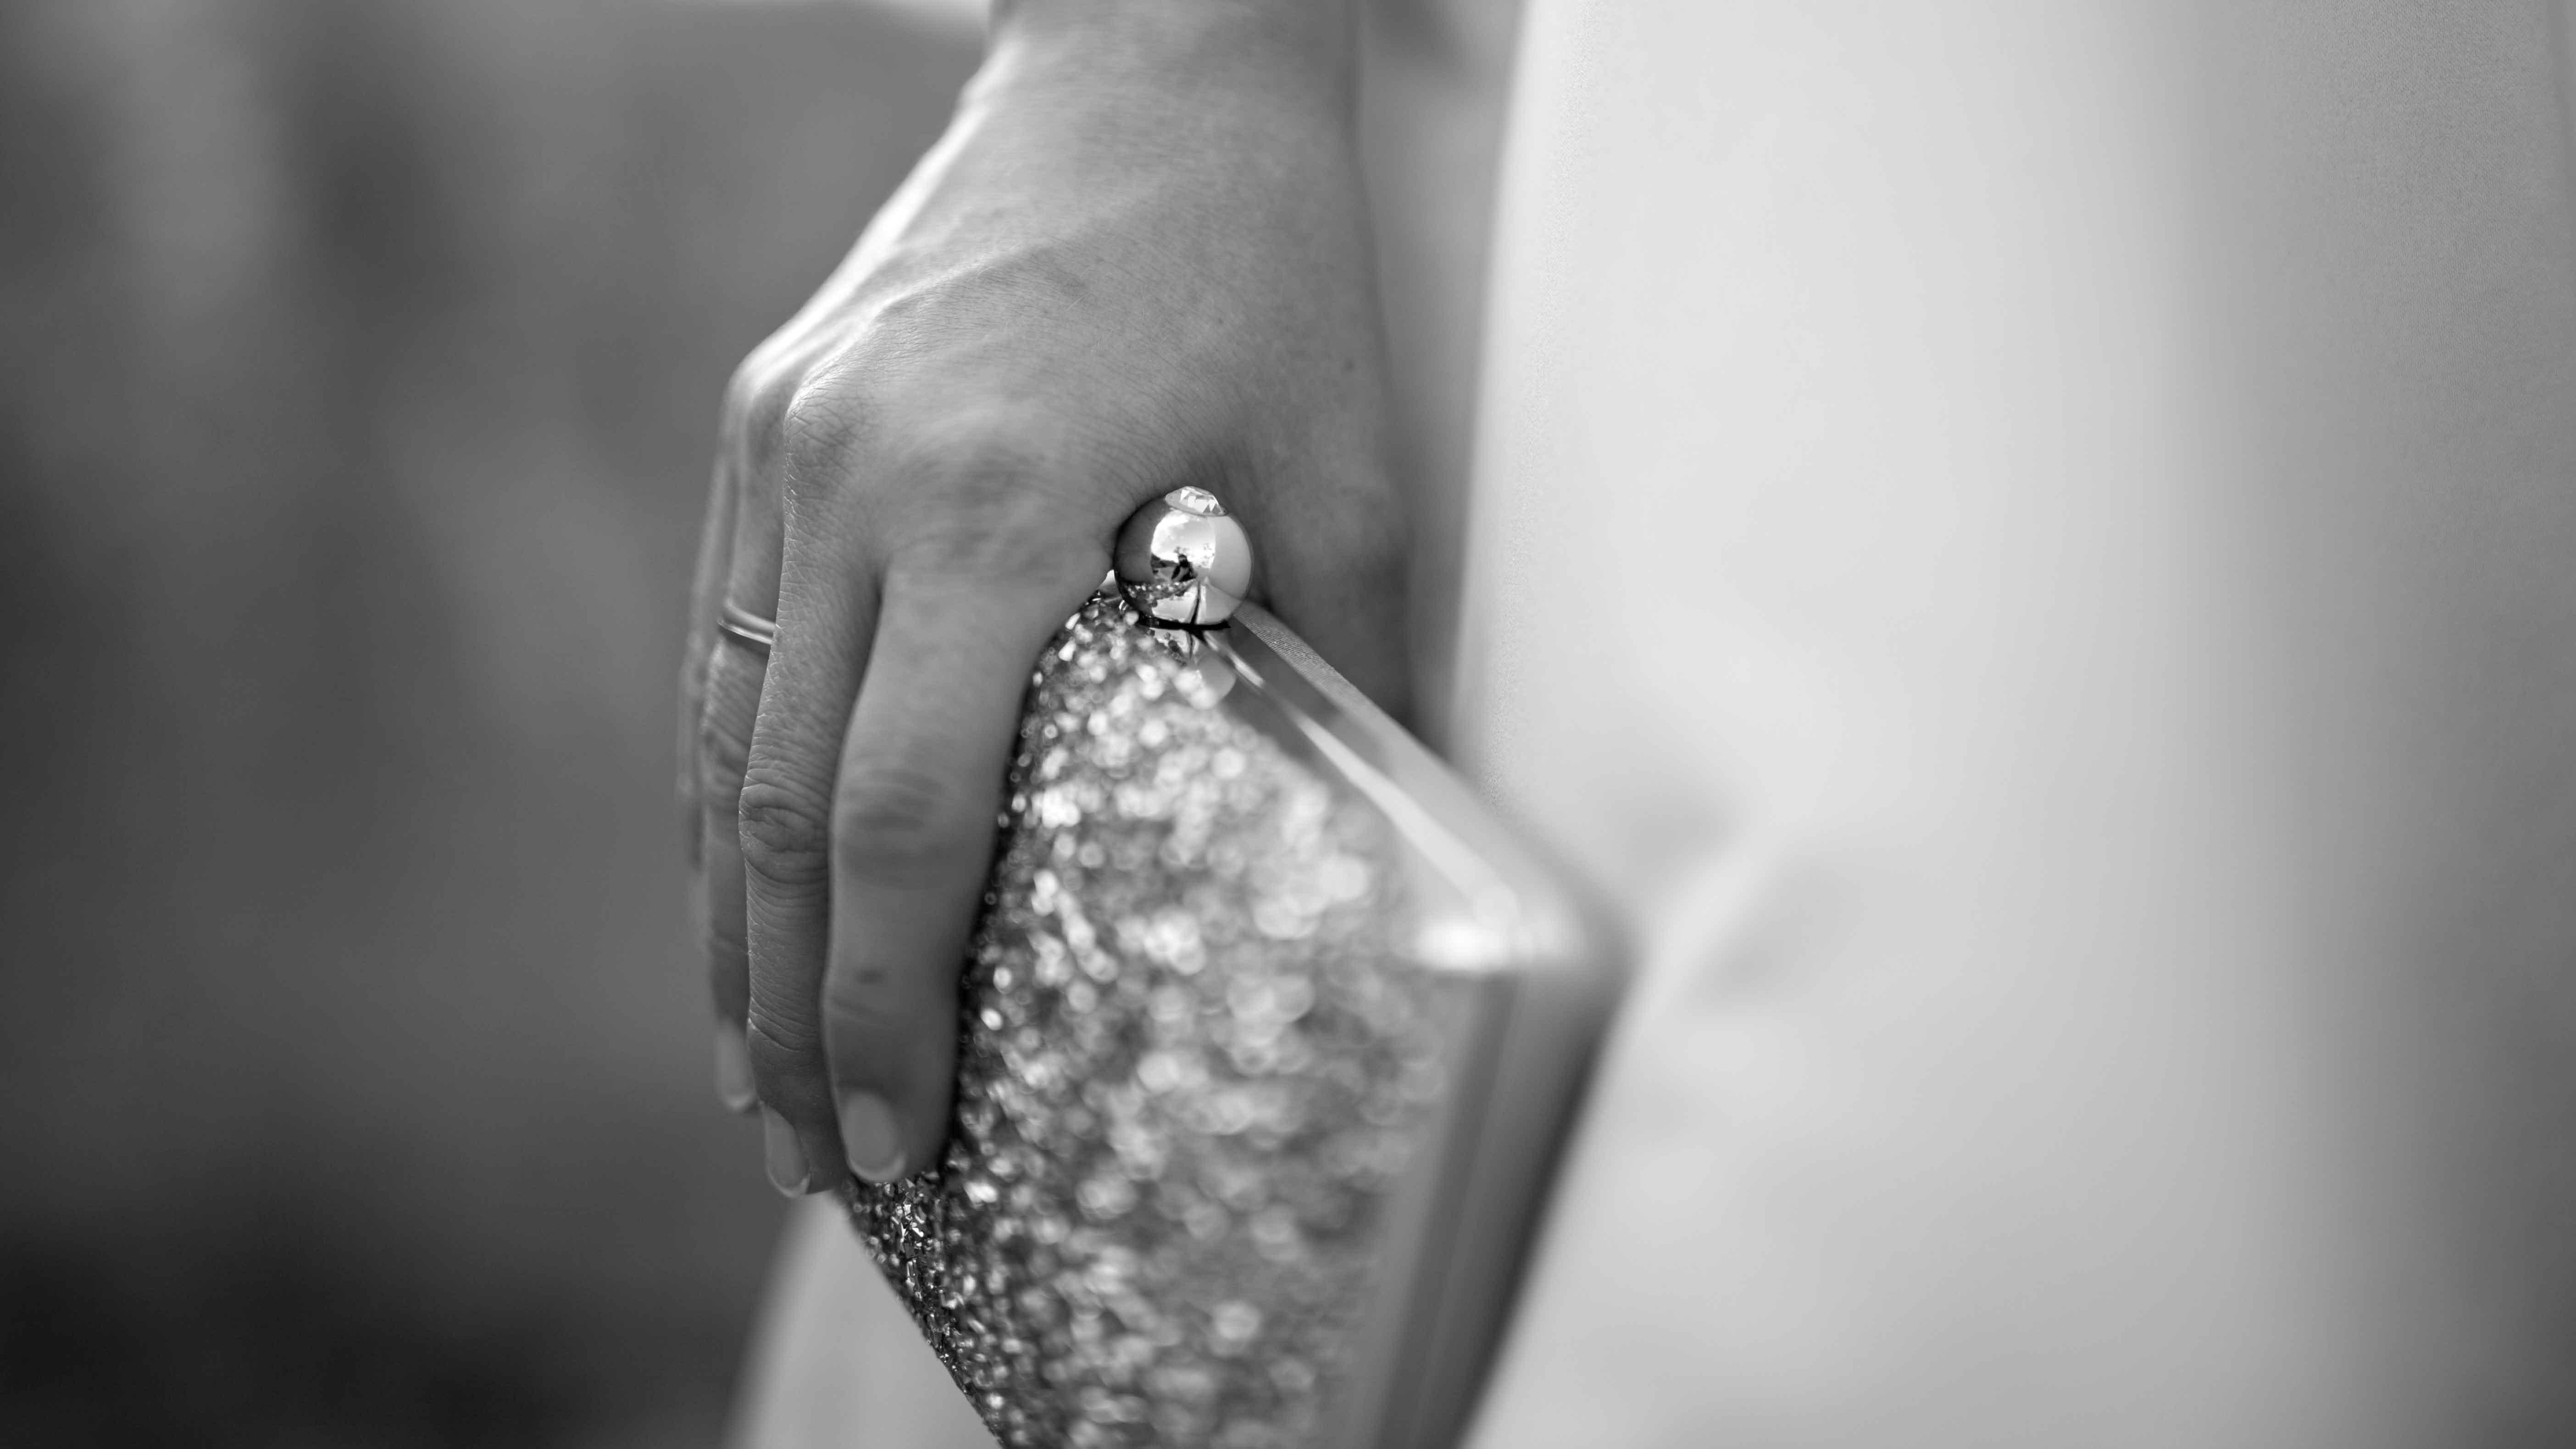 casament-detall-nuvia-bolso